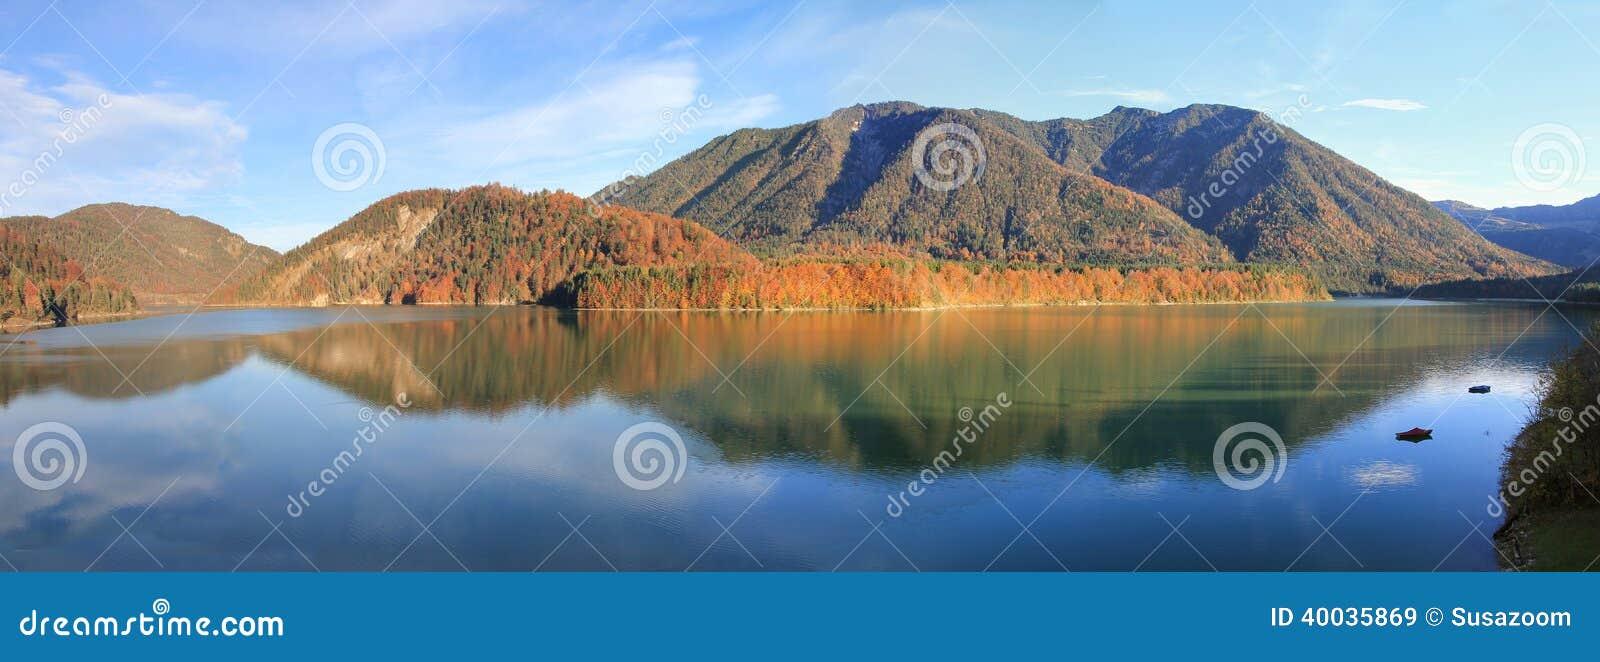 Τεχνητή λίμνη sylvenstein το φθινόπωρο